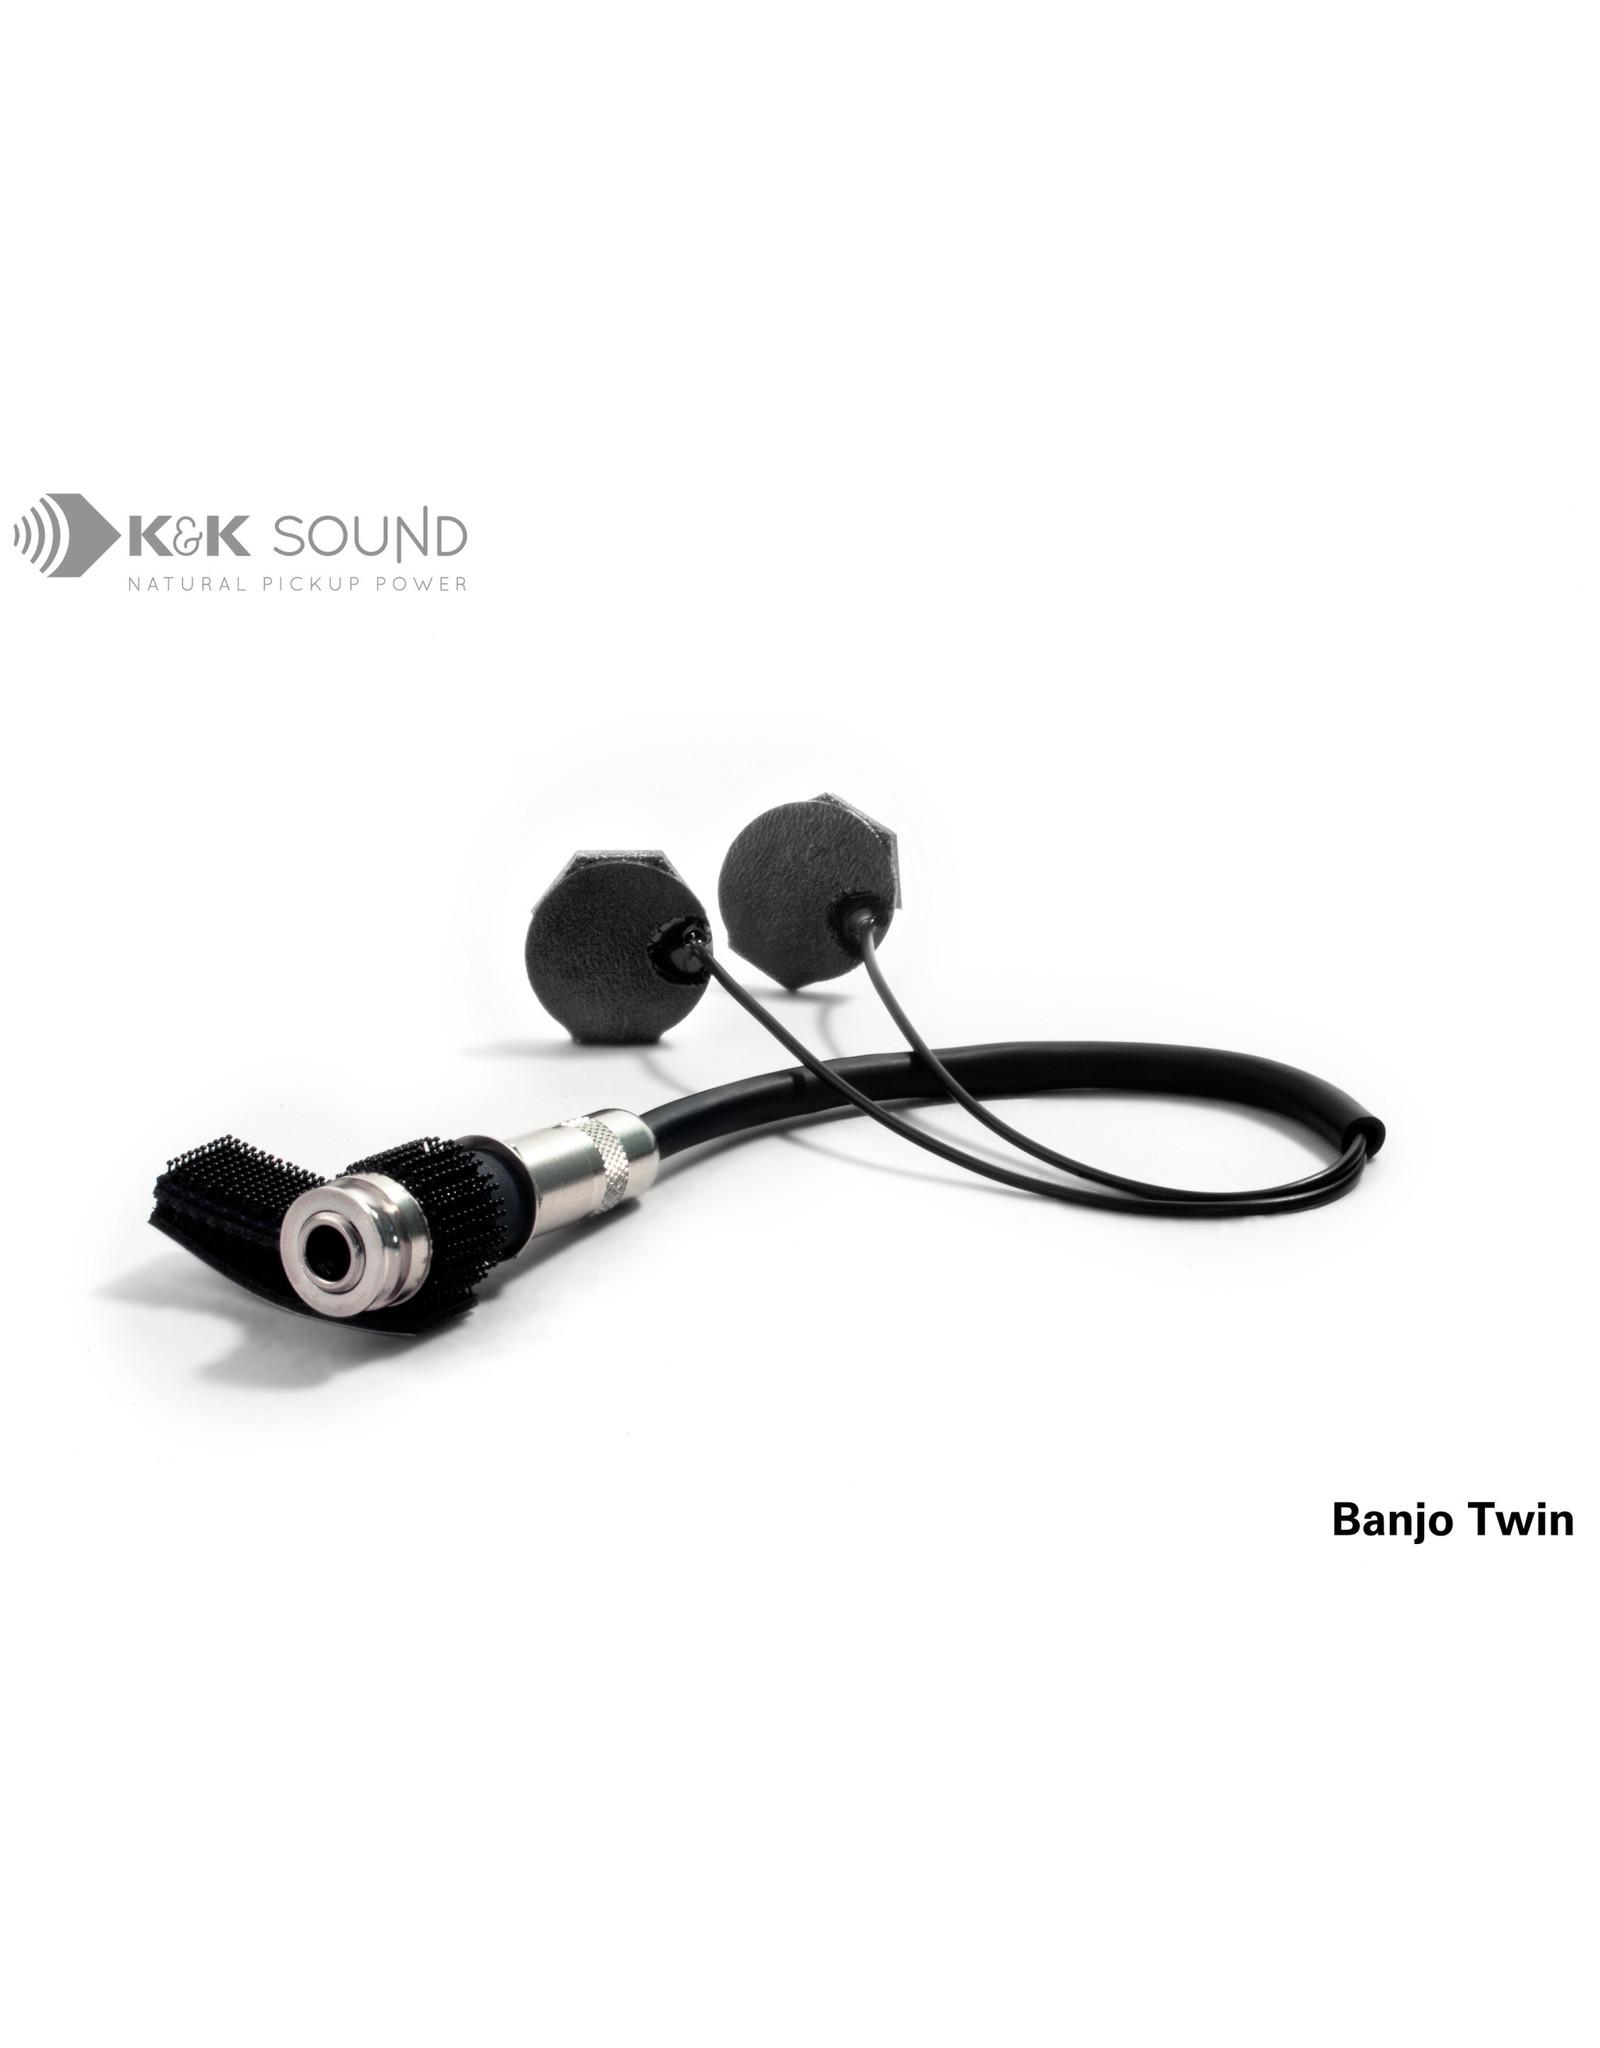 K & K Sound K & K Sound Banjo Twin Pickup